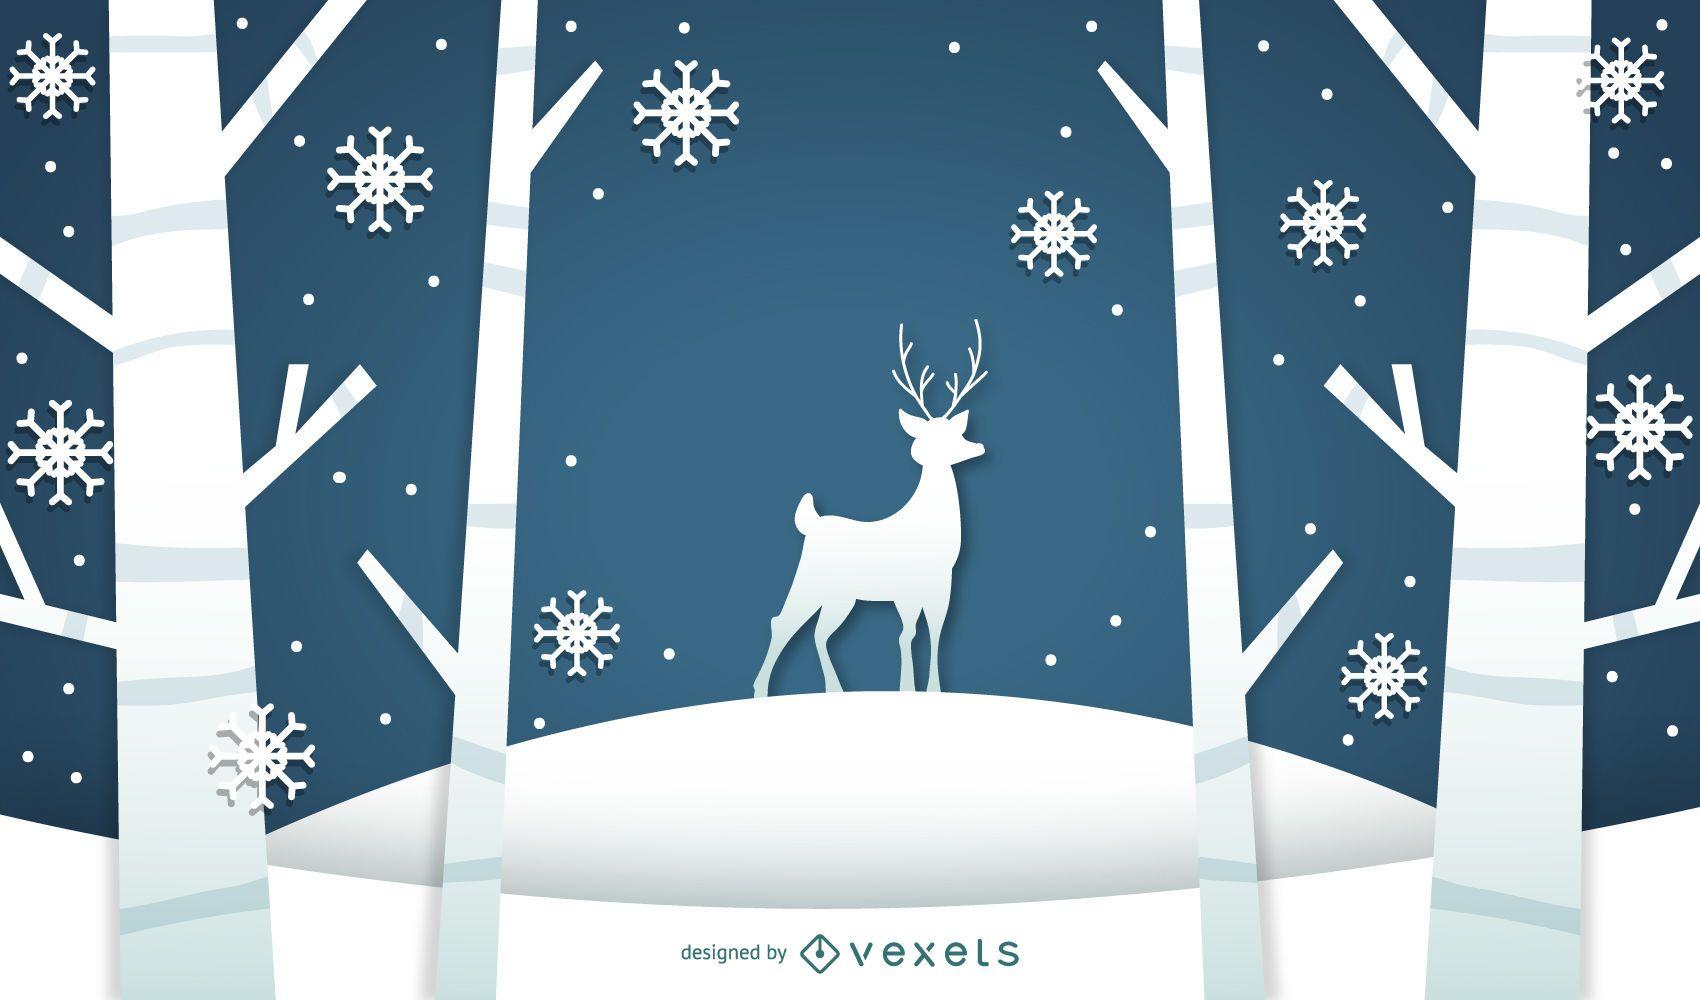 winter vector graphics to download rh vexels com winter vector pattern winter vector pattern